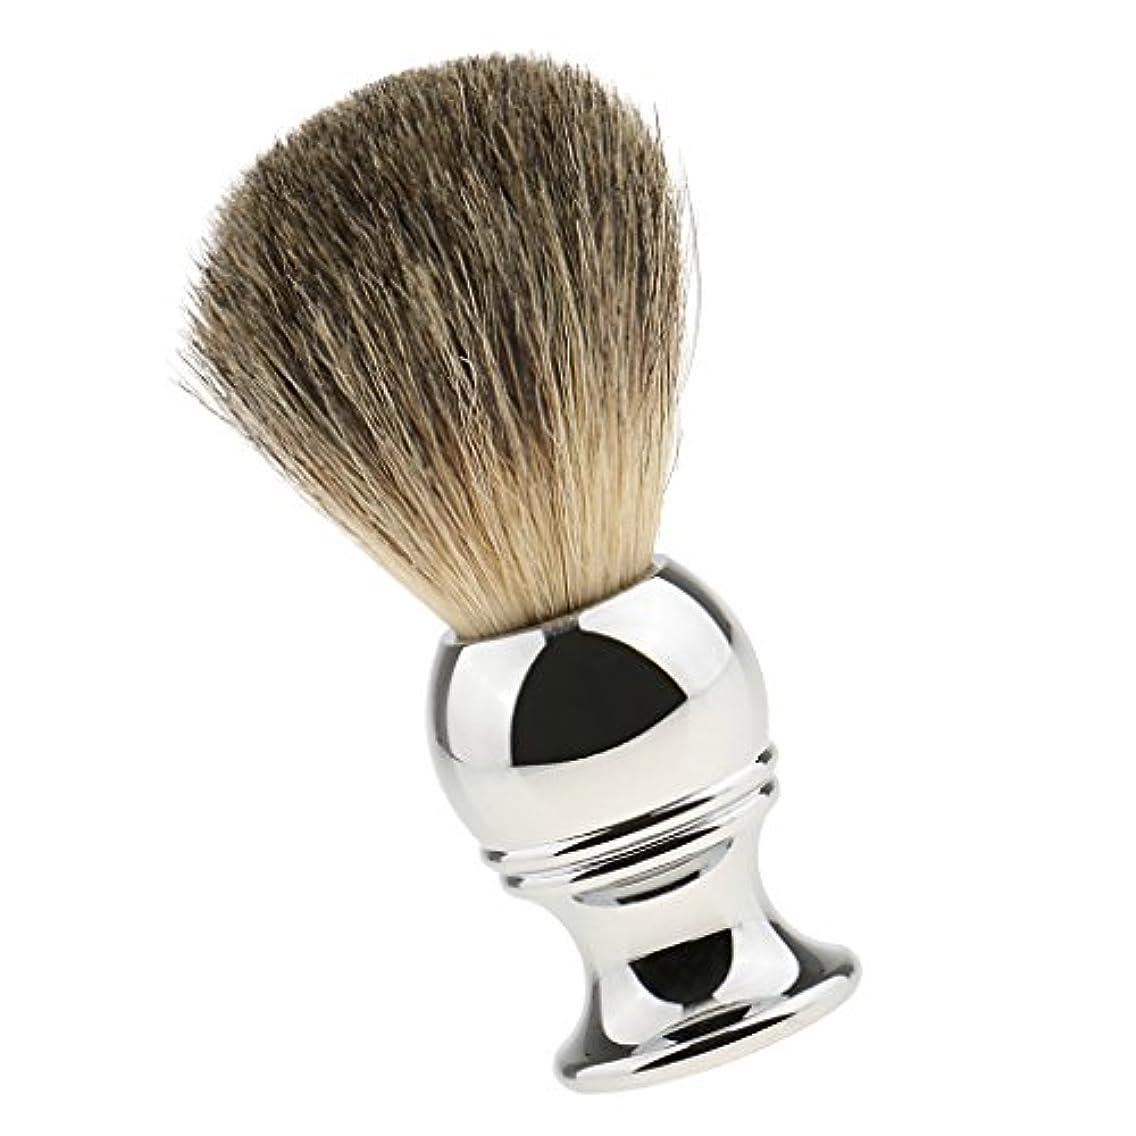 Kesoto 男性用 高品質 高密度 シェービングブラシ ロングハンドル 髭剃り 洗顔 ブラシ シェーブツール